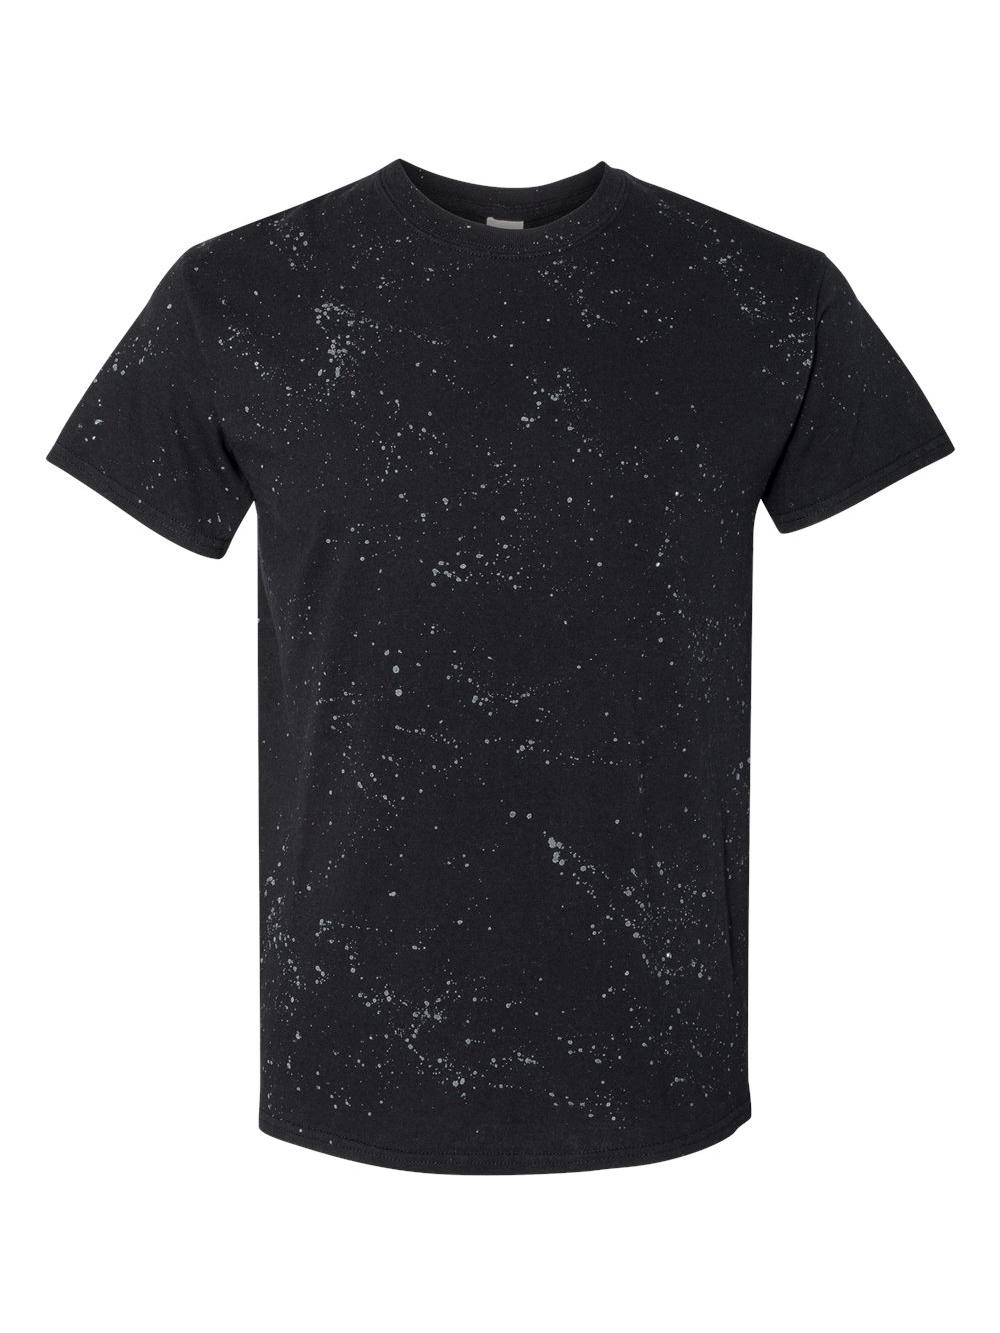 Dyenomite-Glow-in-the-Dark-T-Shirt-200GW thumbnail 12